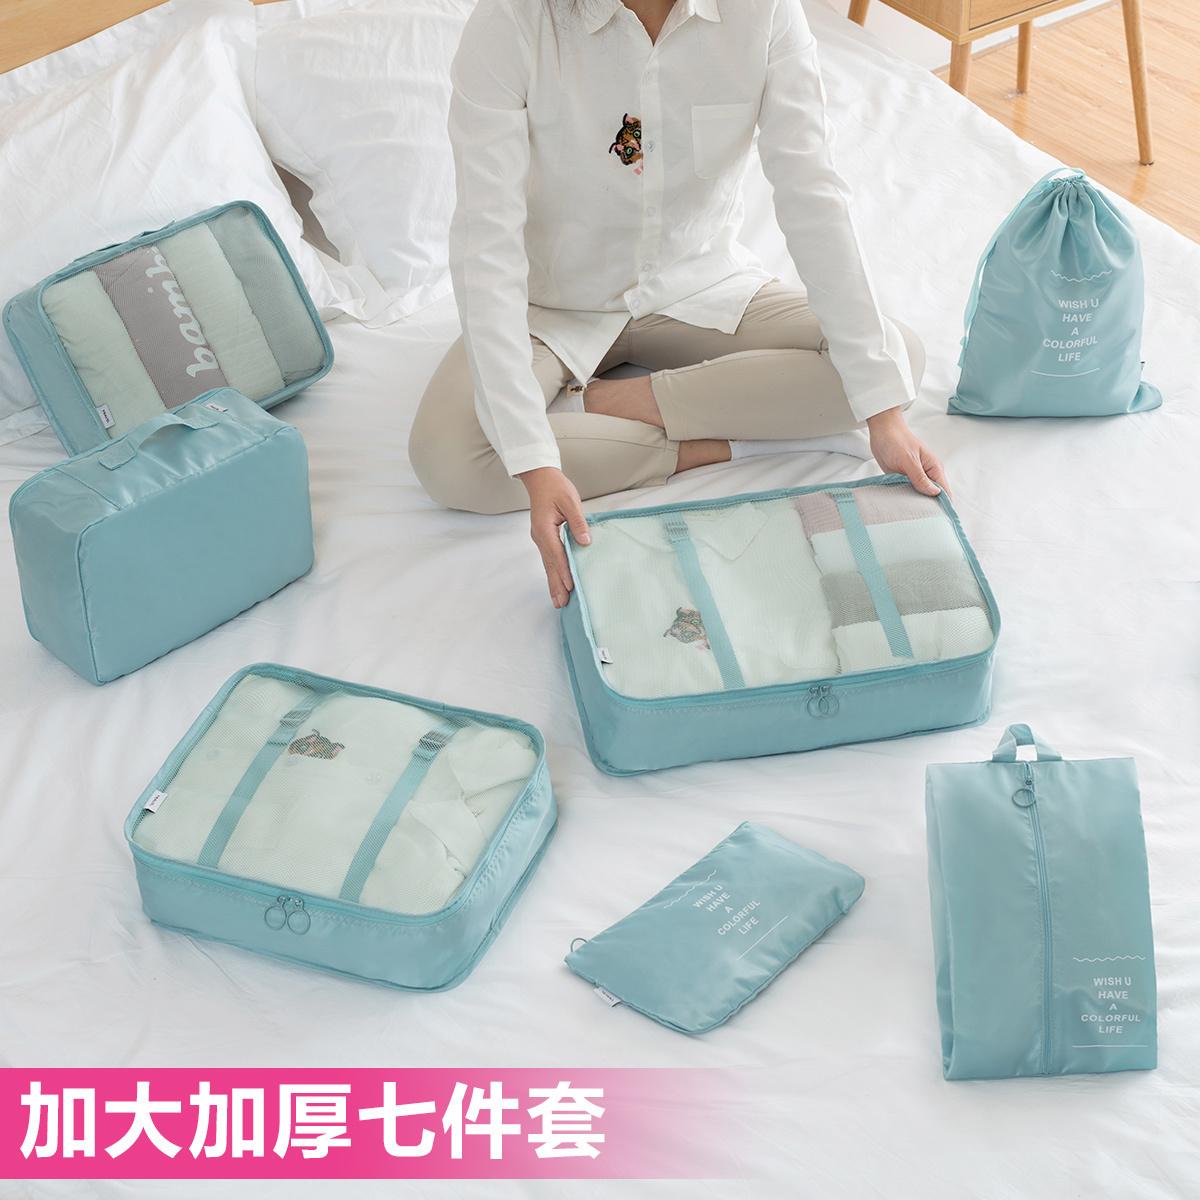 旅行收纳袋便携洗漱包衣服衣物整理打包套装内衣旅游行李箱分装袋